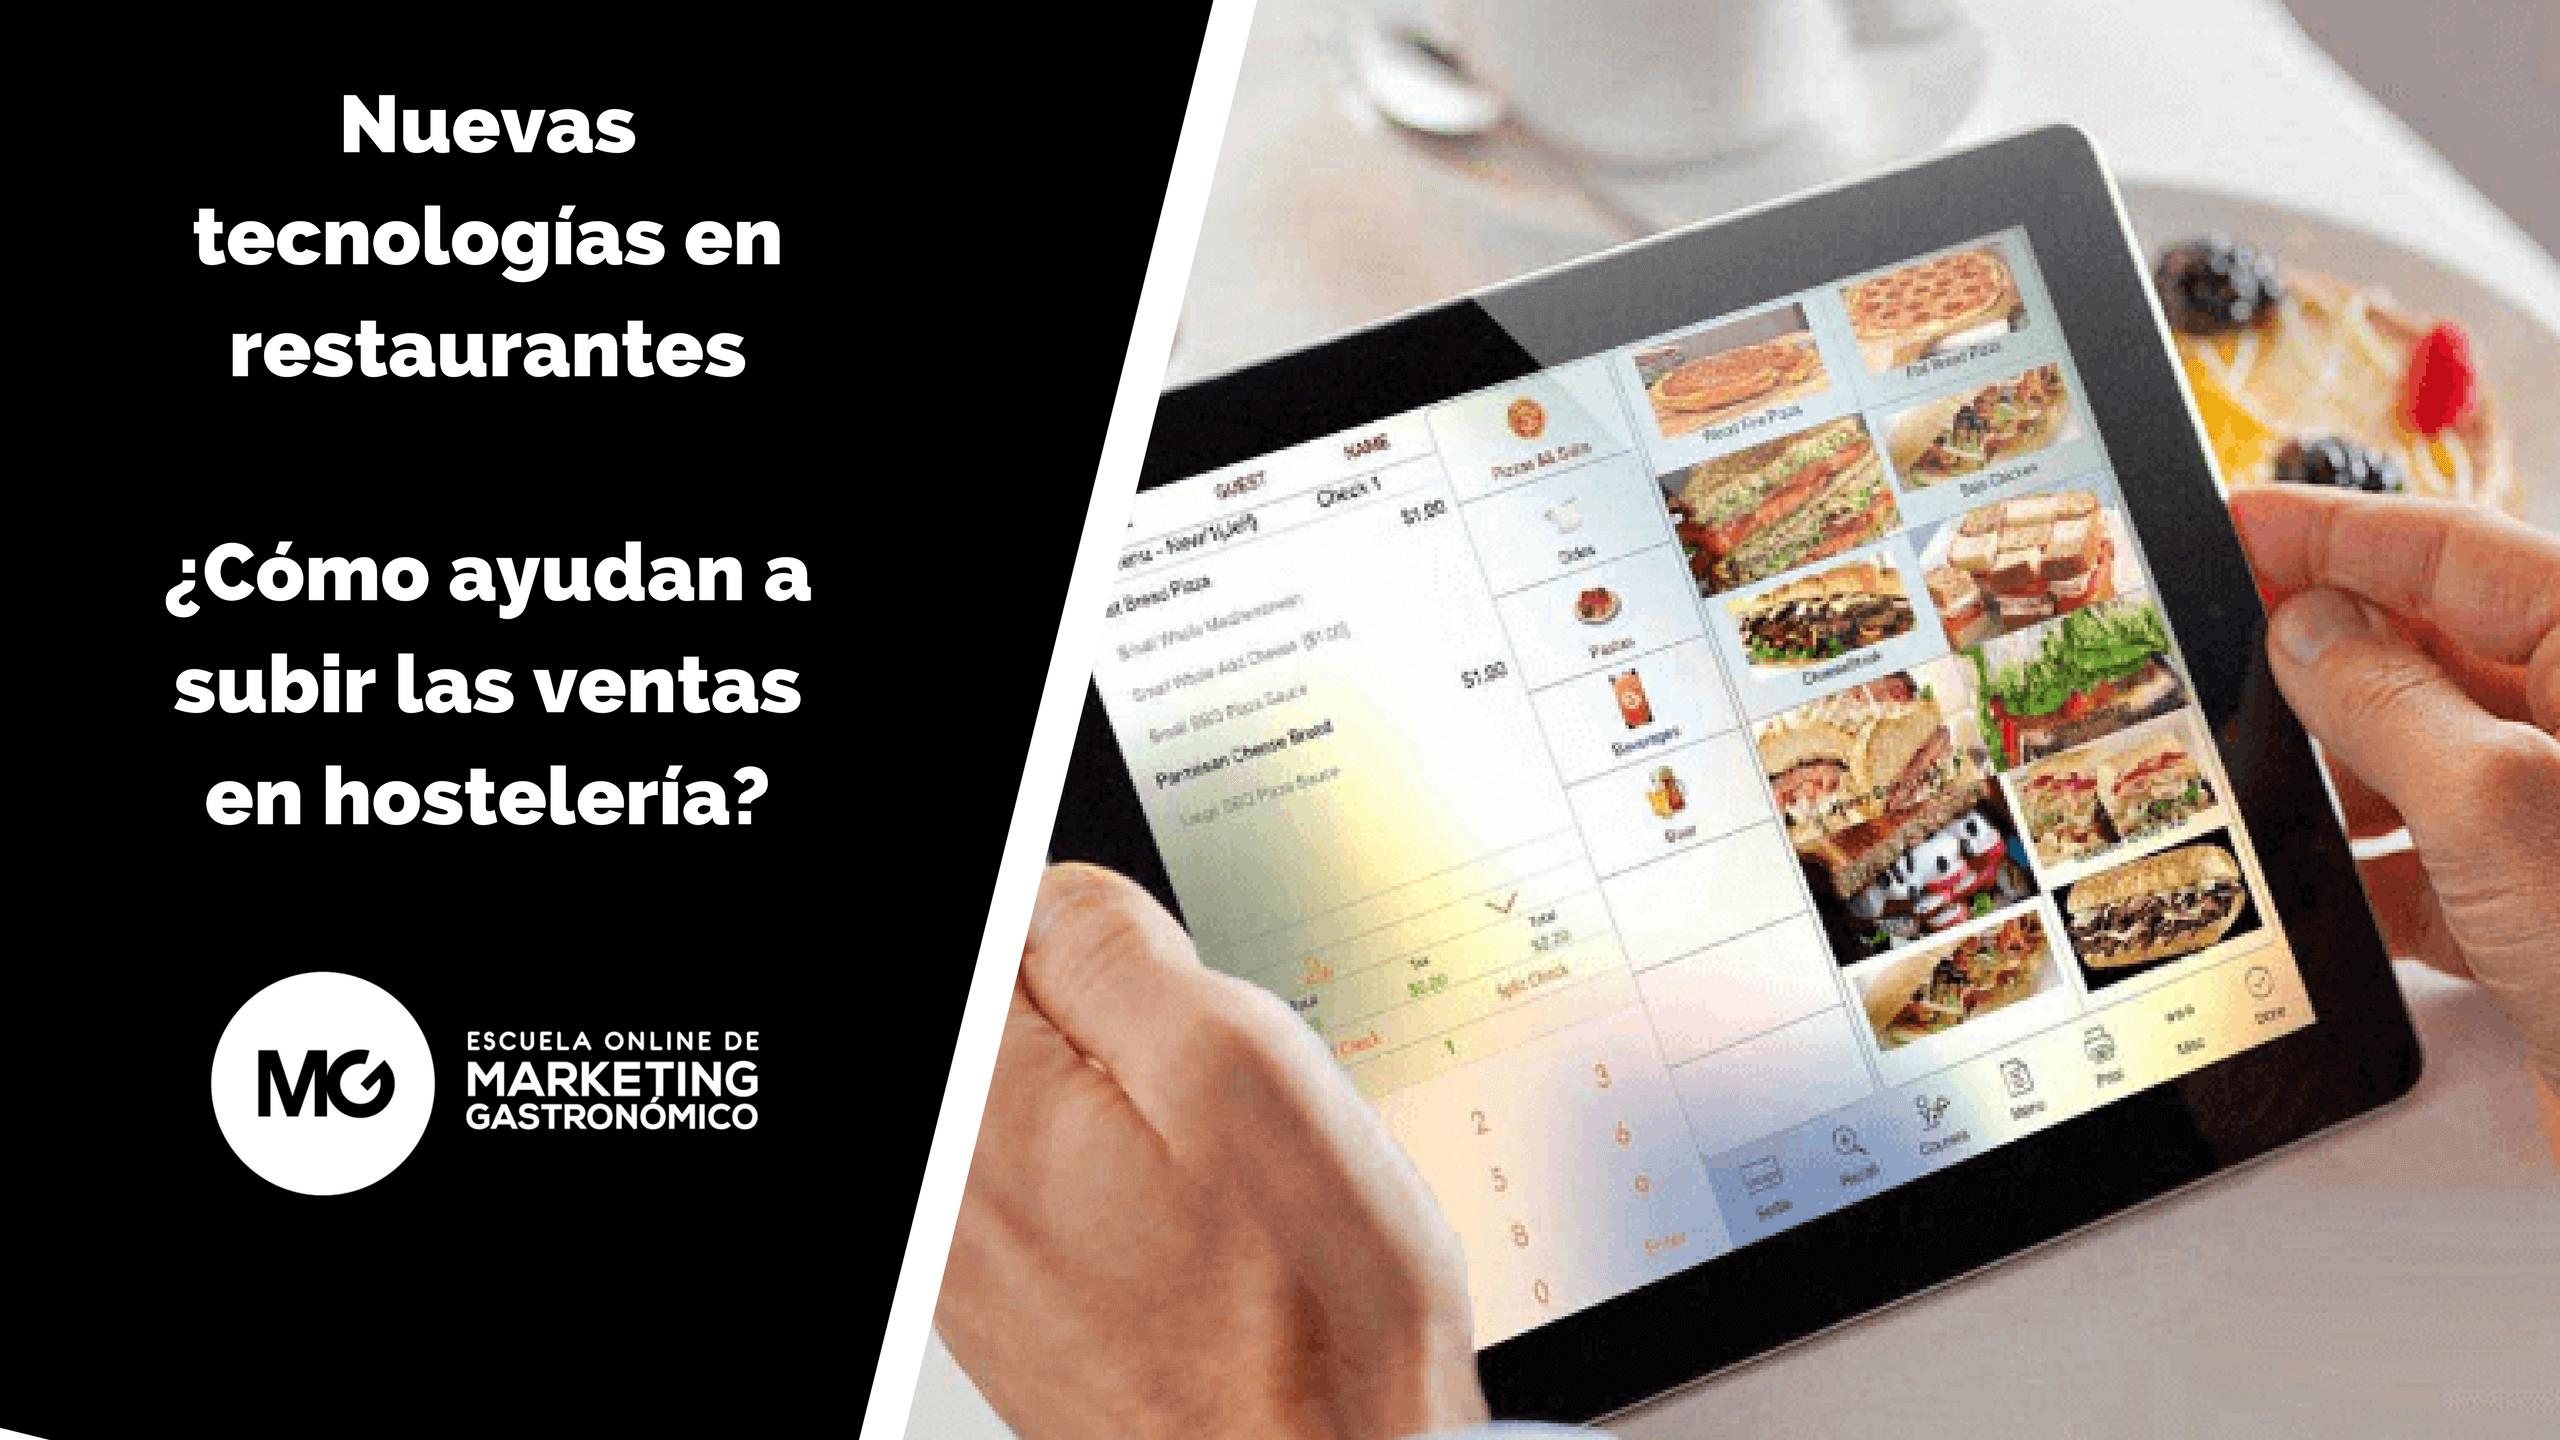 subir foto de cocina y diseño Nuevas Tecnologas En Restaurantes Cmo Ayudan A Subir Ventas